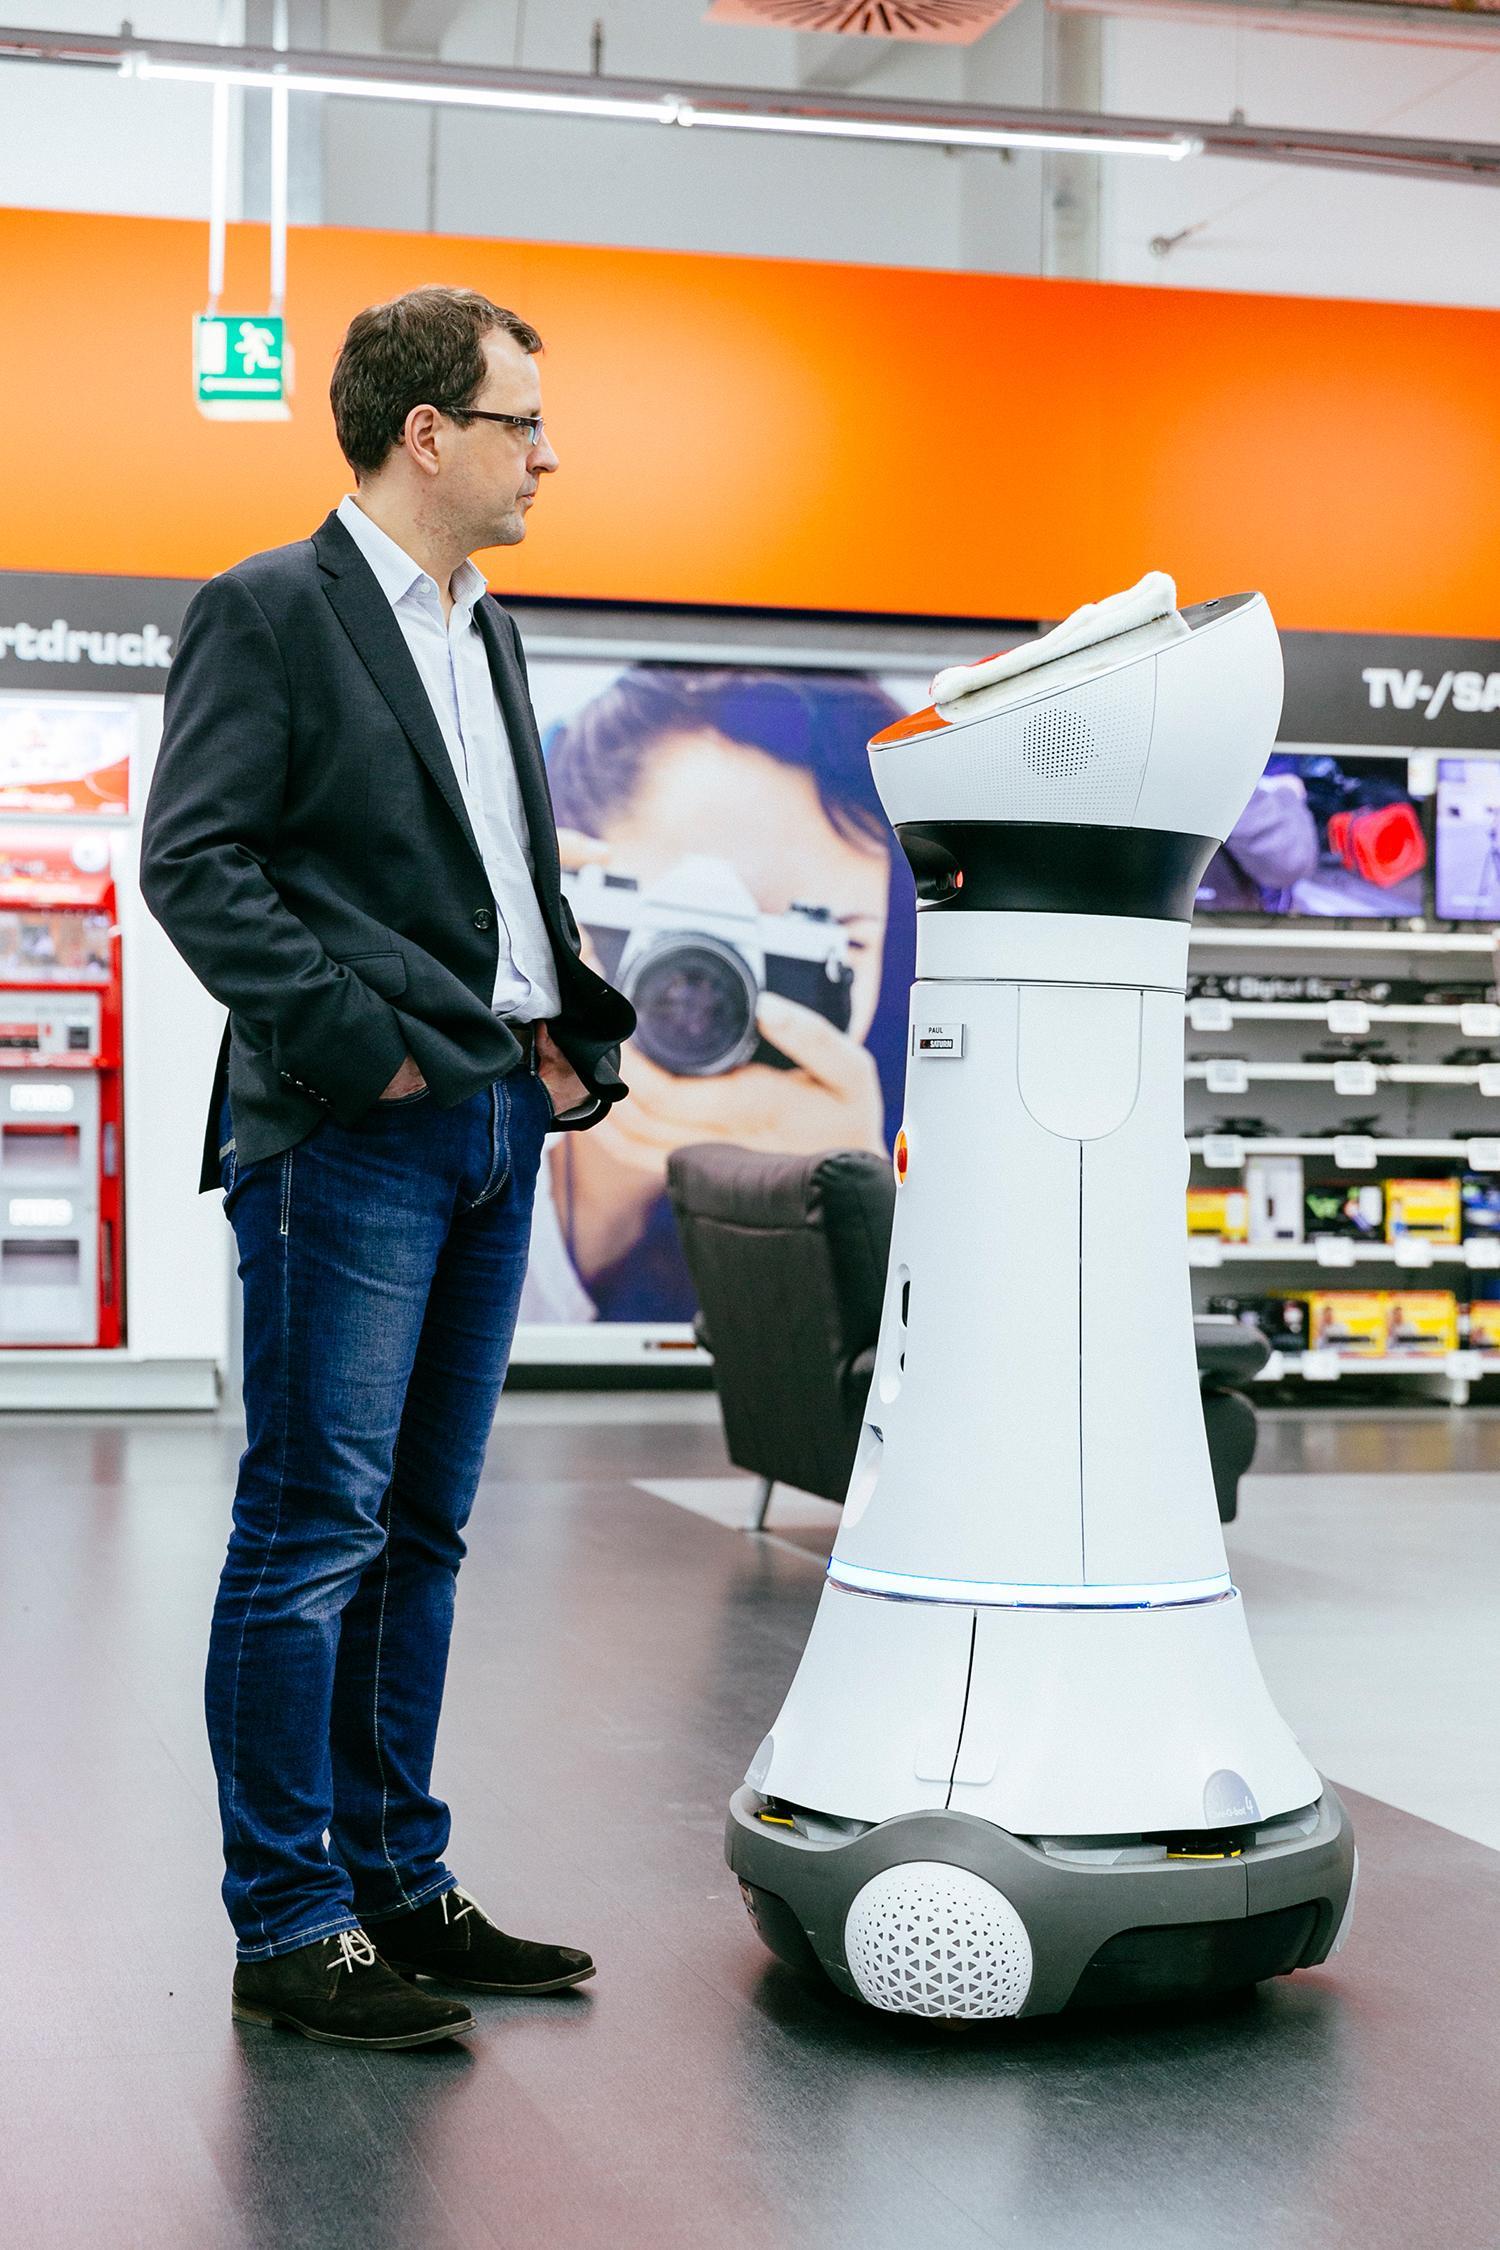 Verkaufsroboter: Unser Autor Marcus Rohwetter mit dem Verkäuferroboter Paul